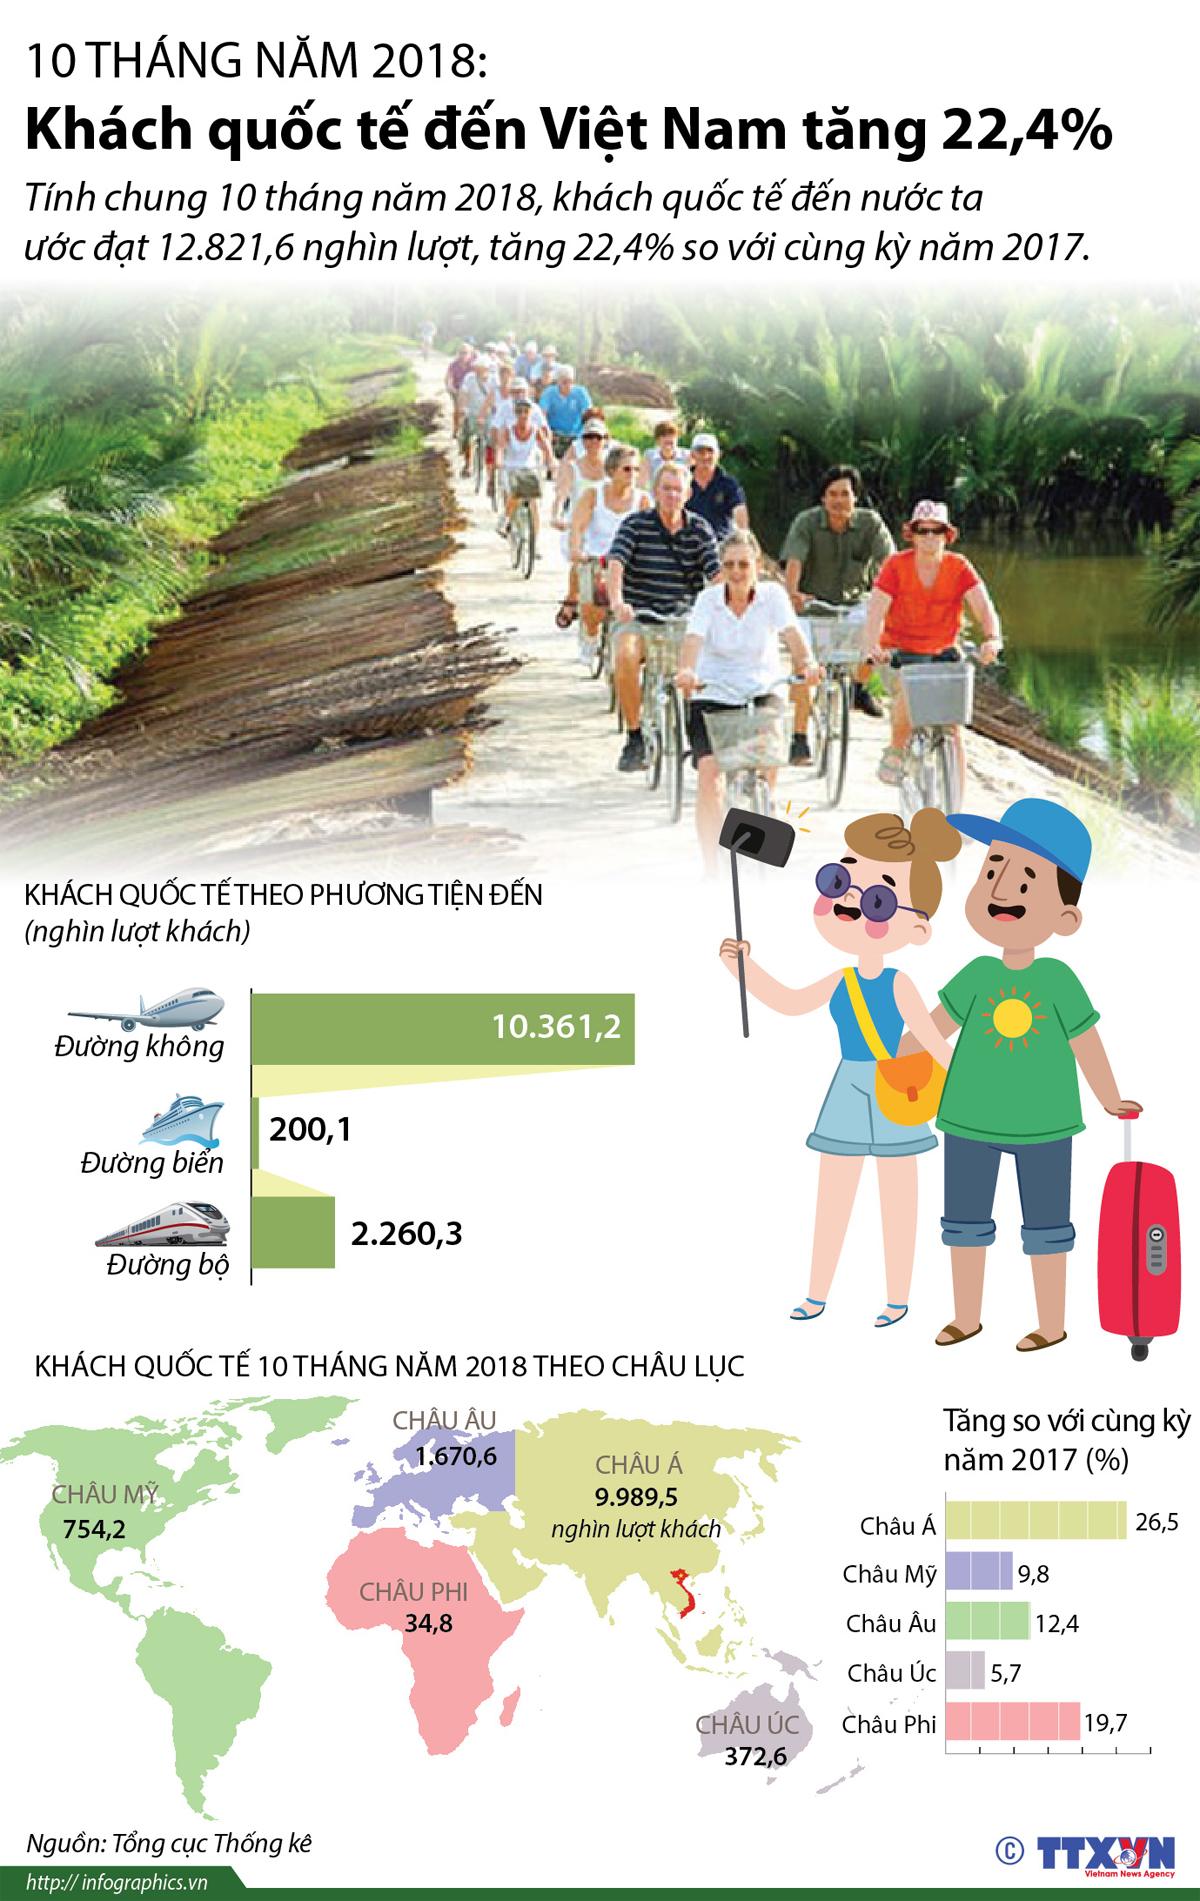 kinh tế-hội nhập, 10 tháng năm 2018, khách quốc, tế Việt Nam